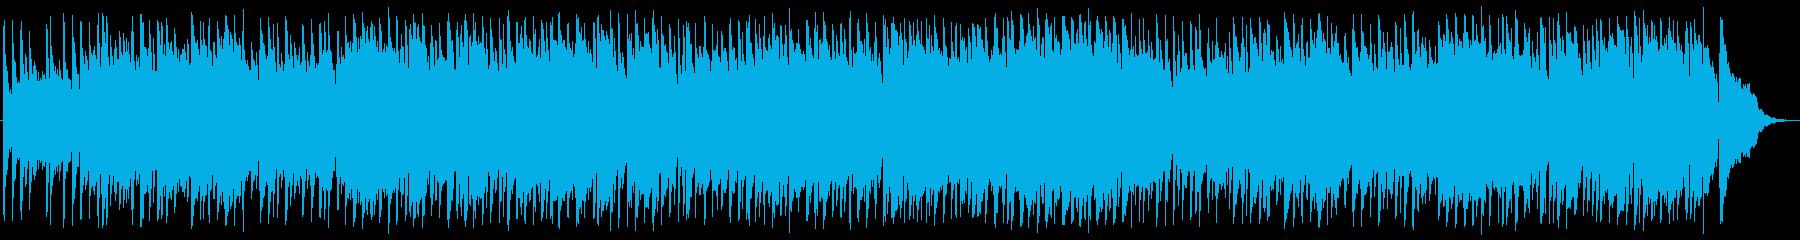 爽やかな風を感じるBGMの再生済みの波形